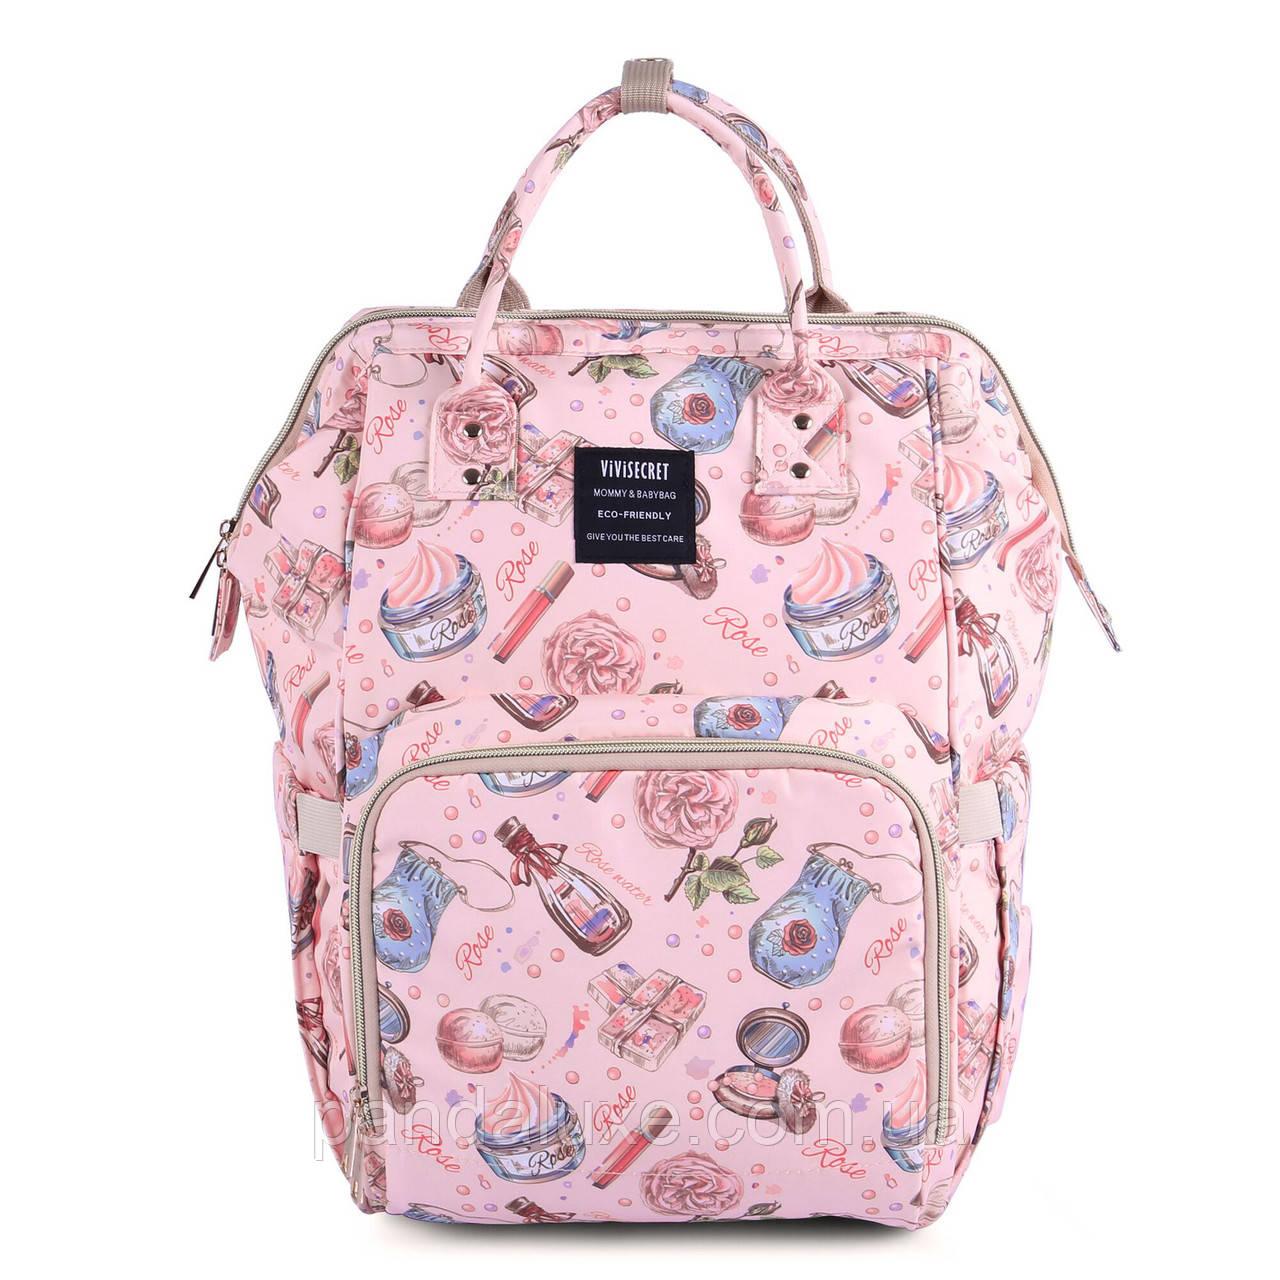 Жіночий рожевий рюкзак сумка Побачення ViViSECRET